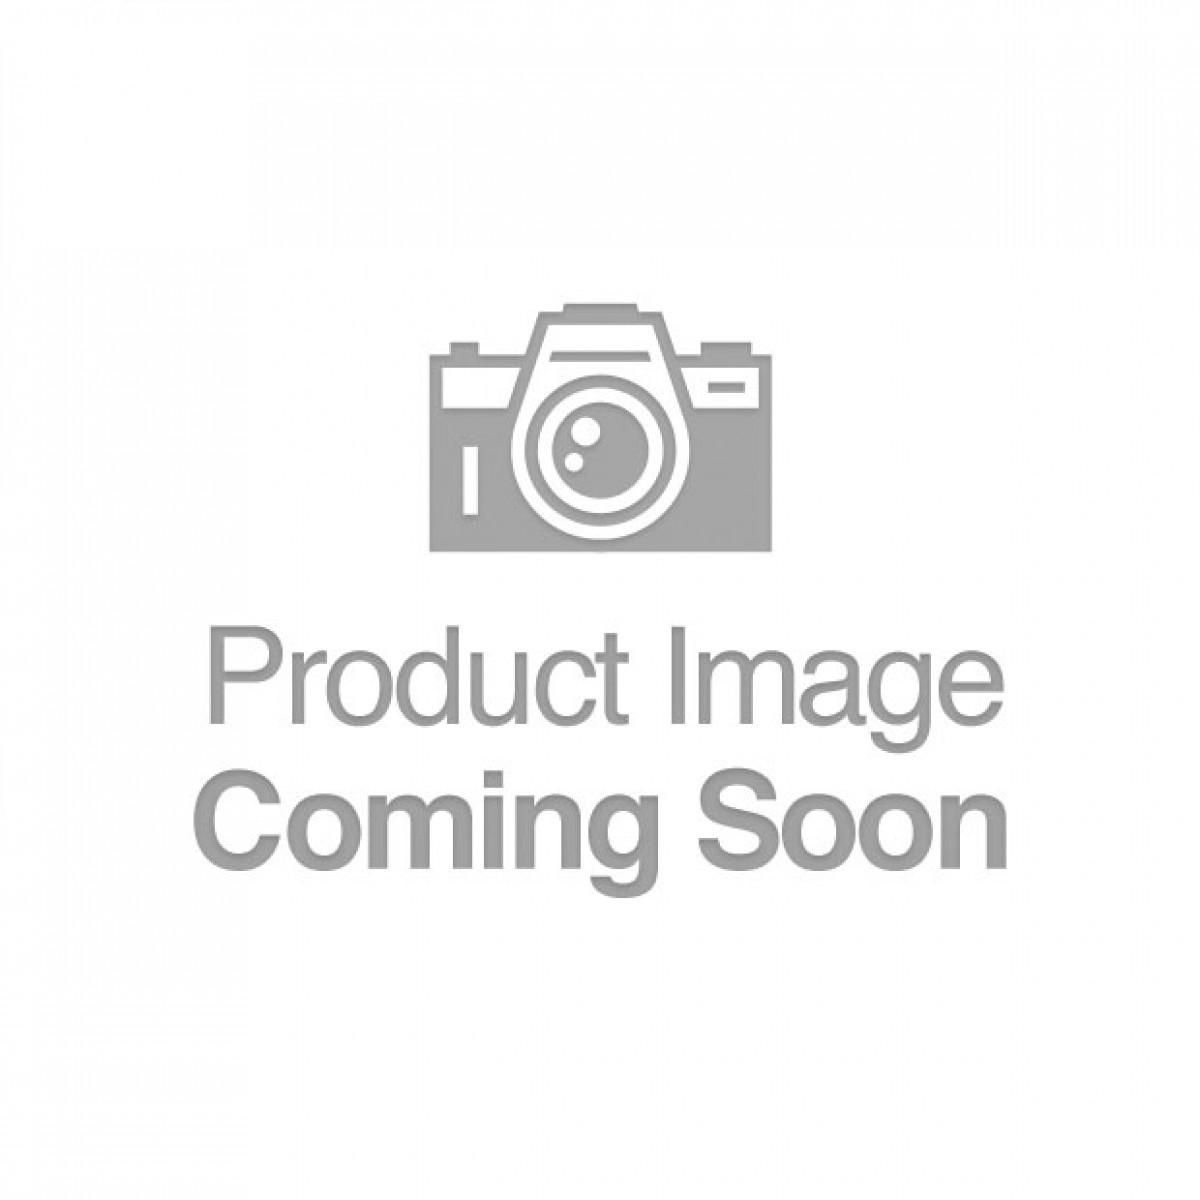 Sensuva Ultra Thick Silicone Personal Moisturizer - 1.7 oz